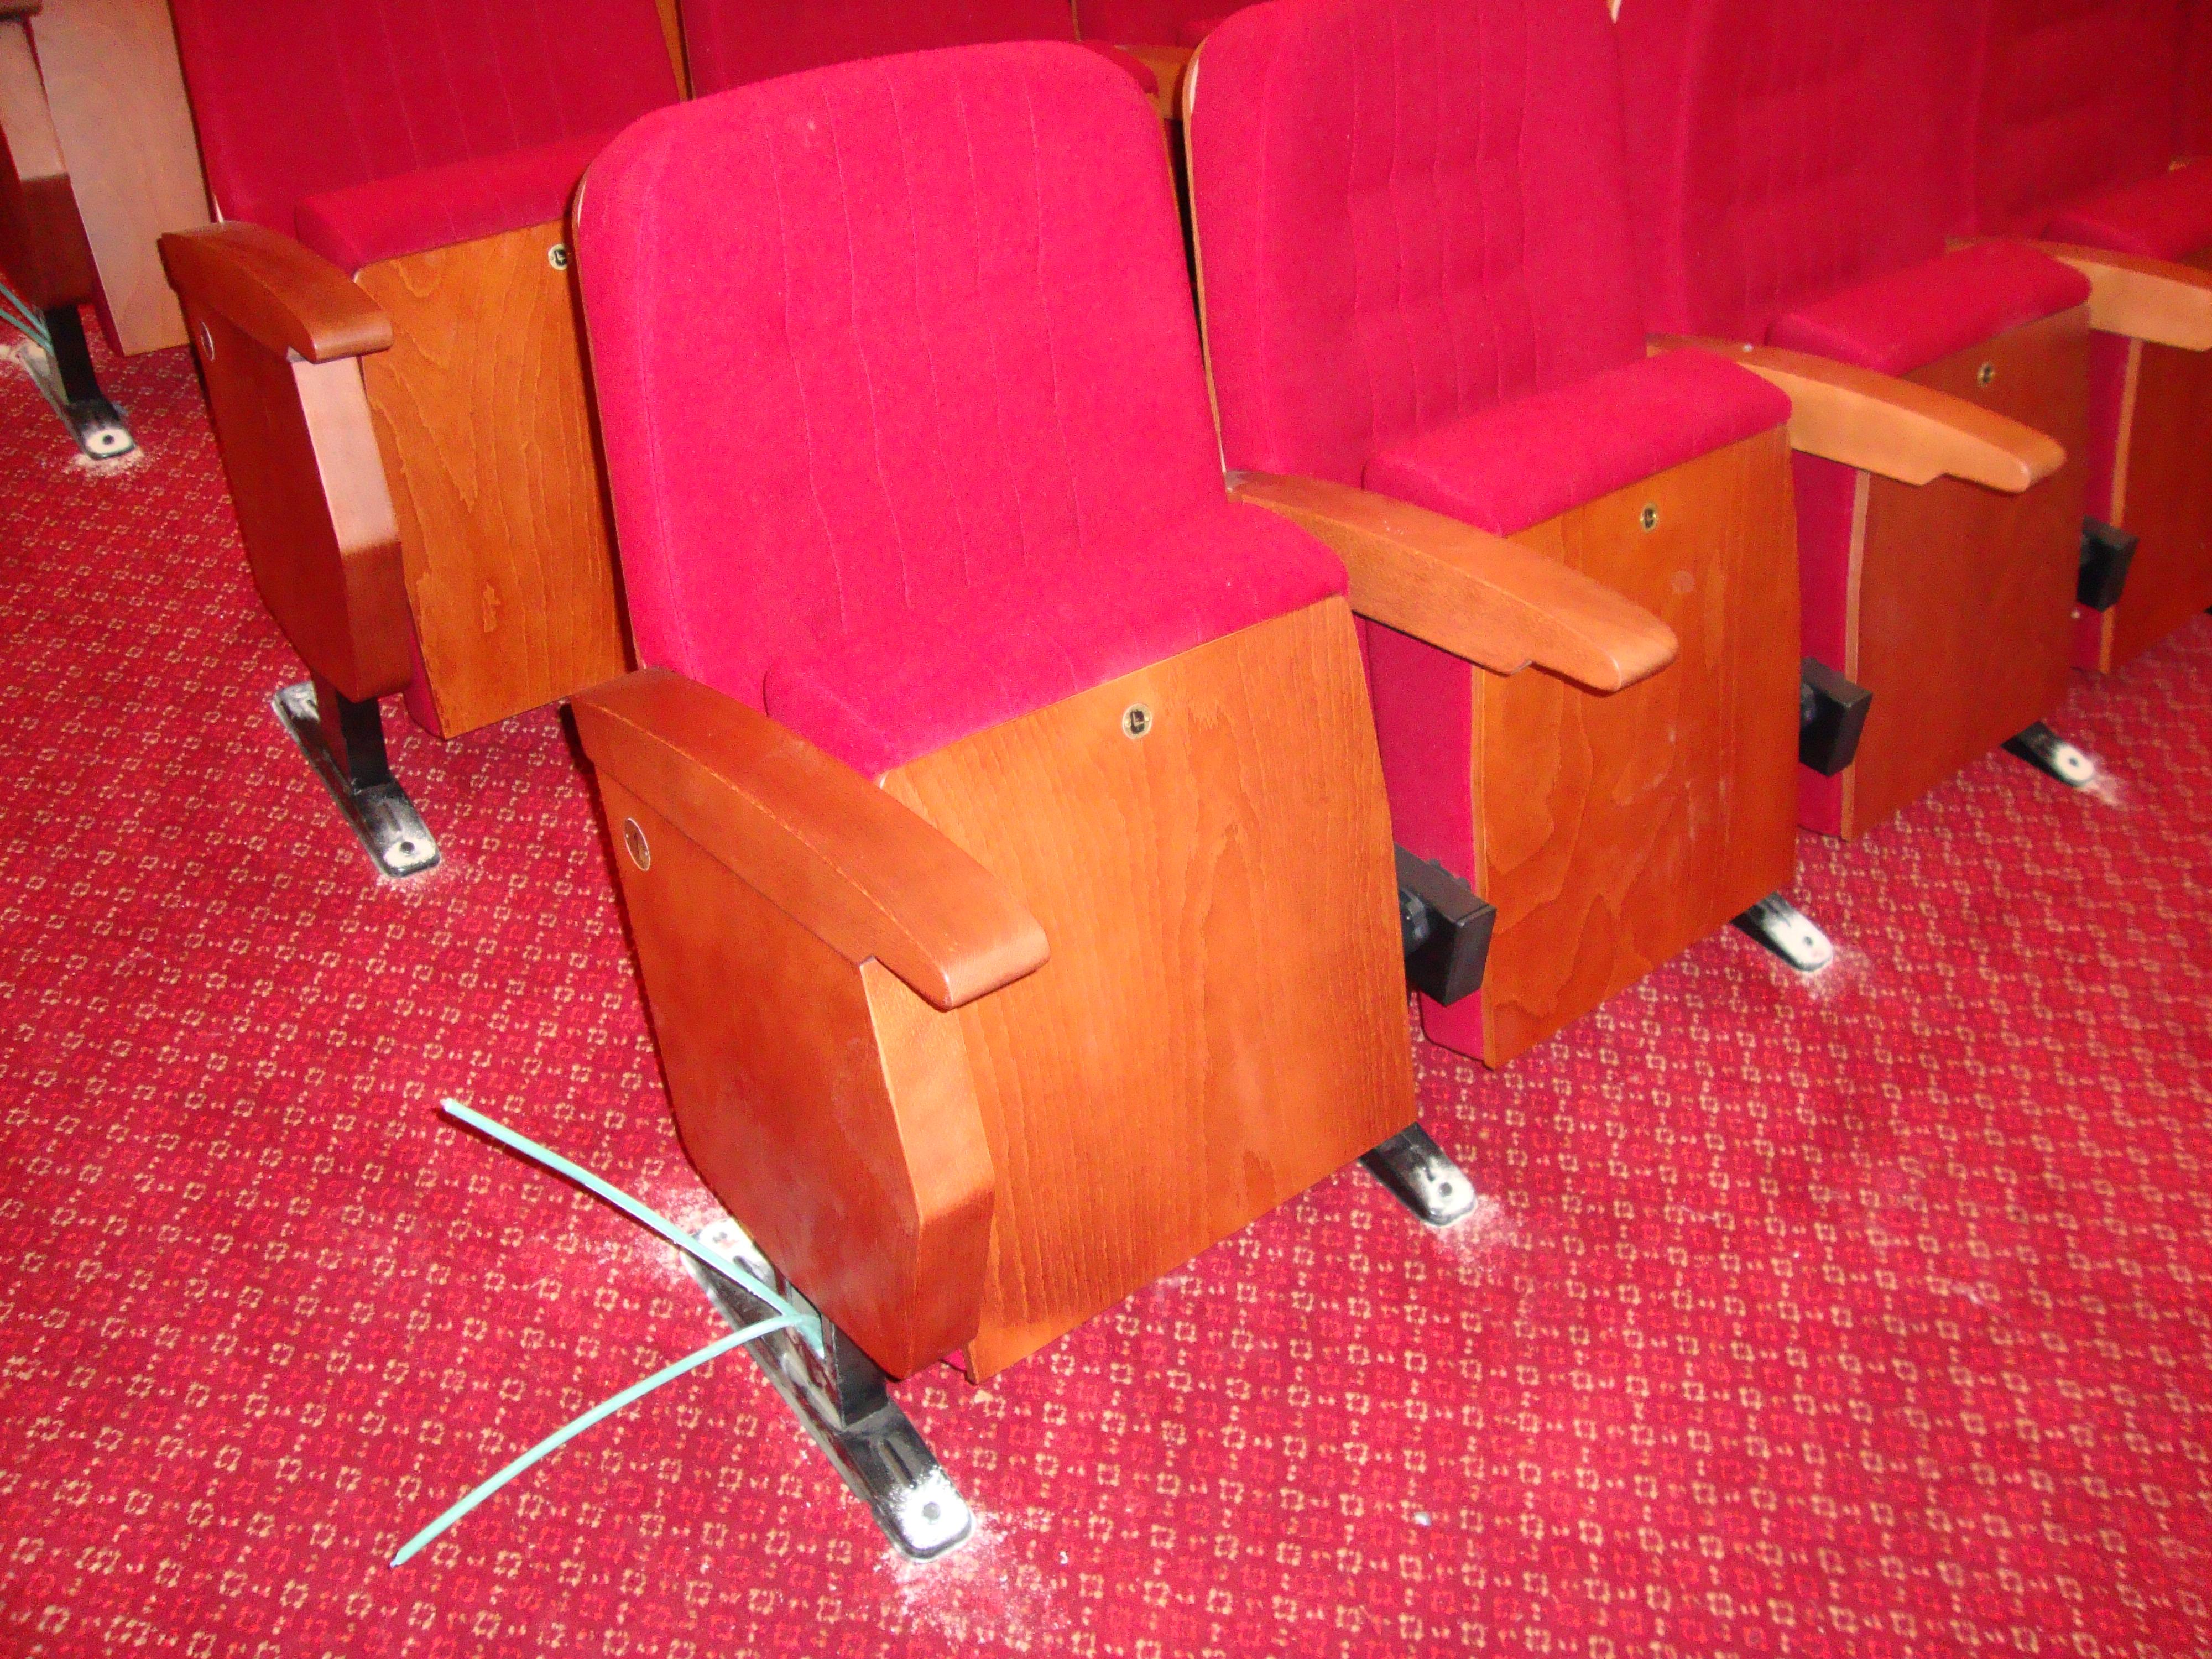 tapicerías ignífugas para teatros